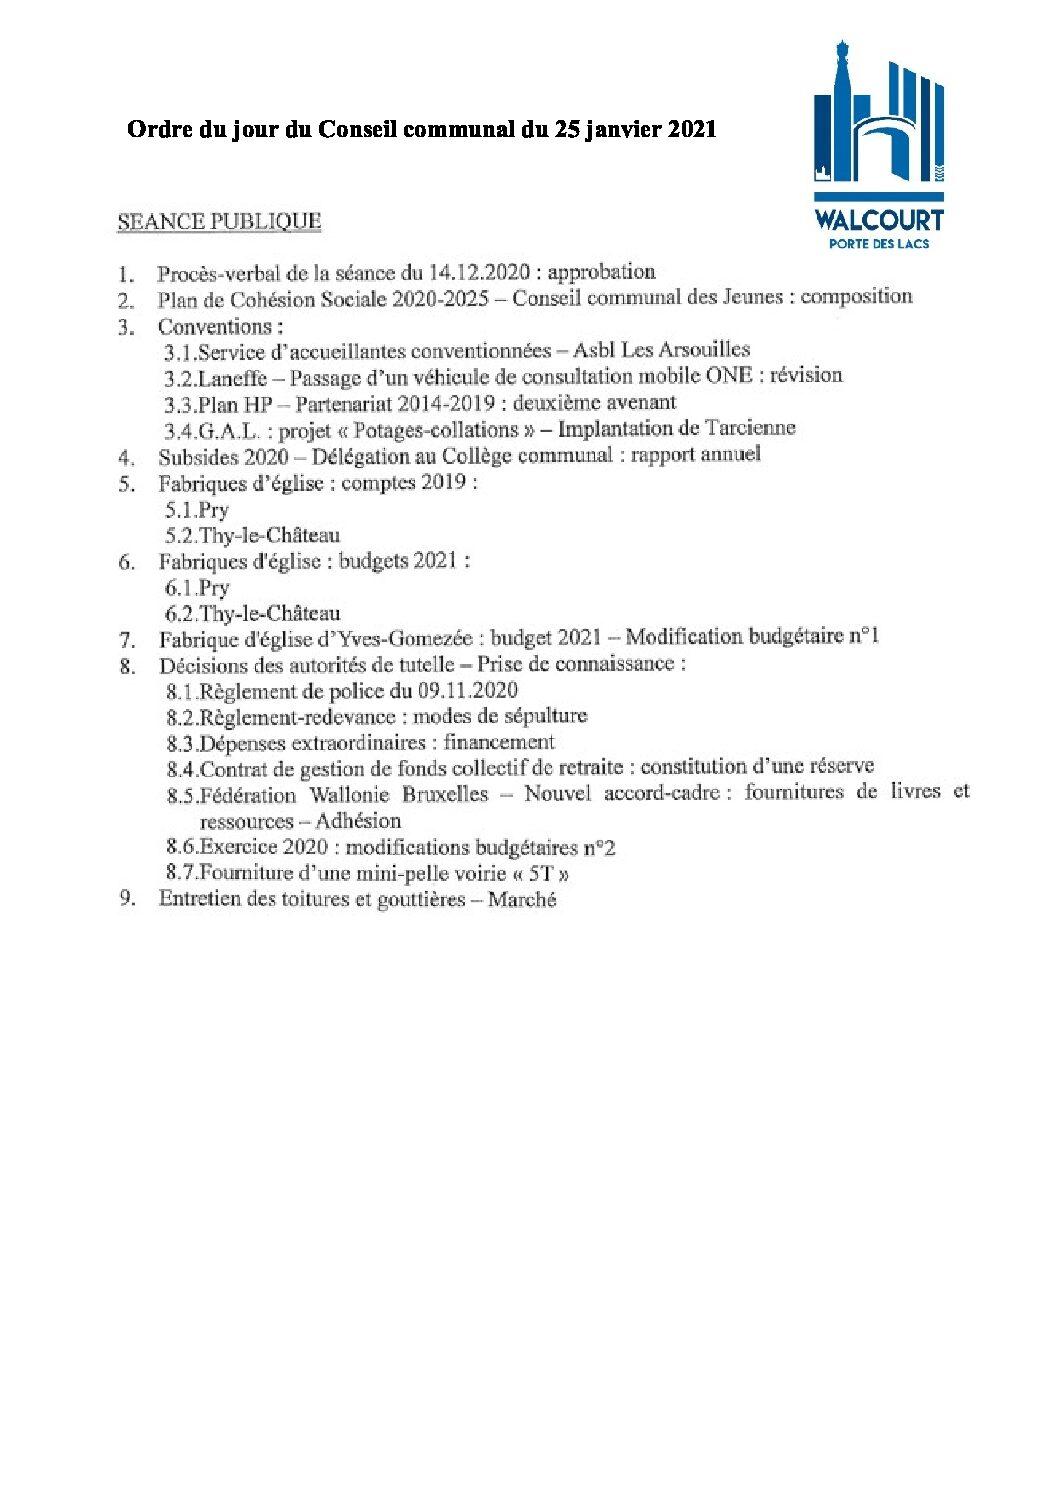 Ordre du jour – Conseil communal du 25 janvier 2021